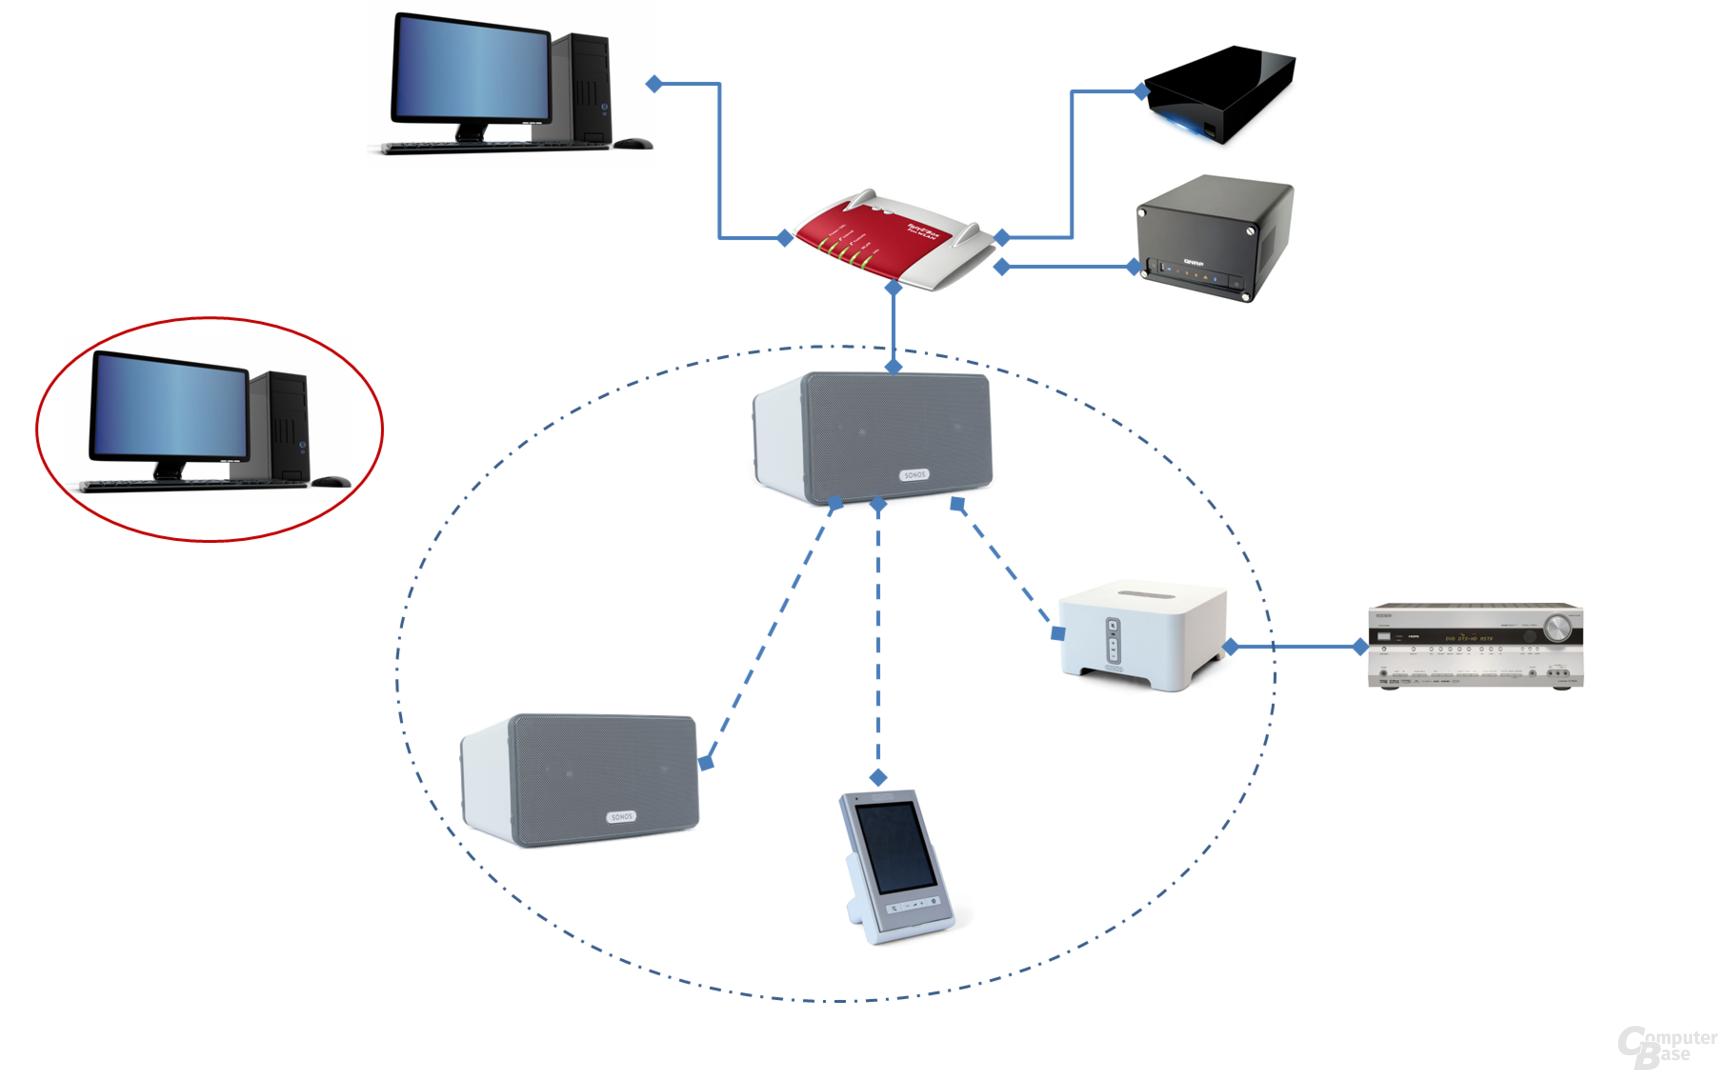 Netzwerkaufbau ohne Sonos Bridge mit zwei Zwangsaußenseitern